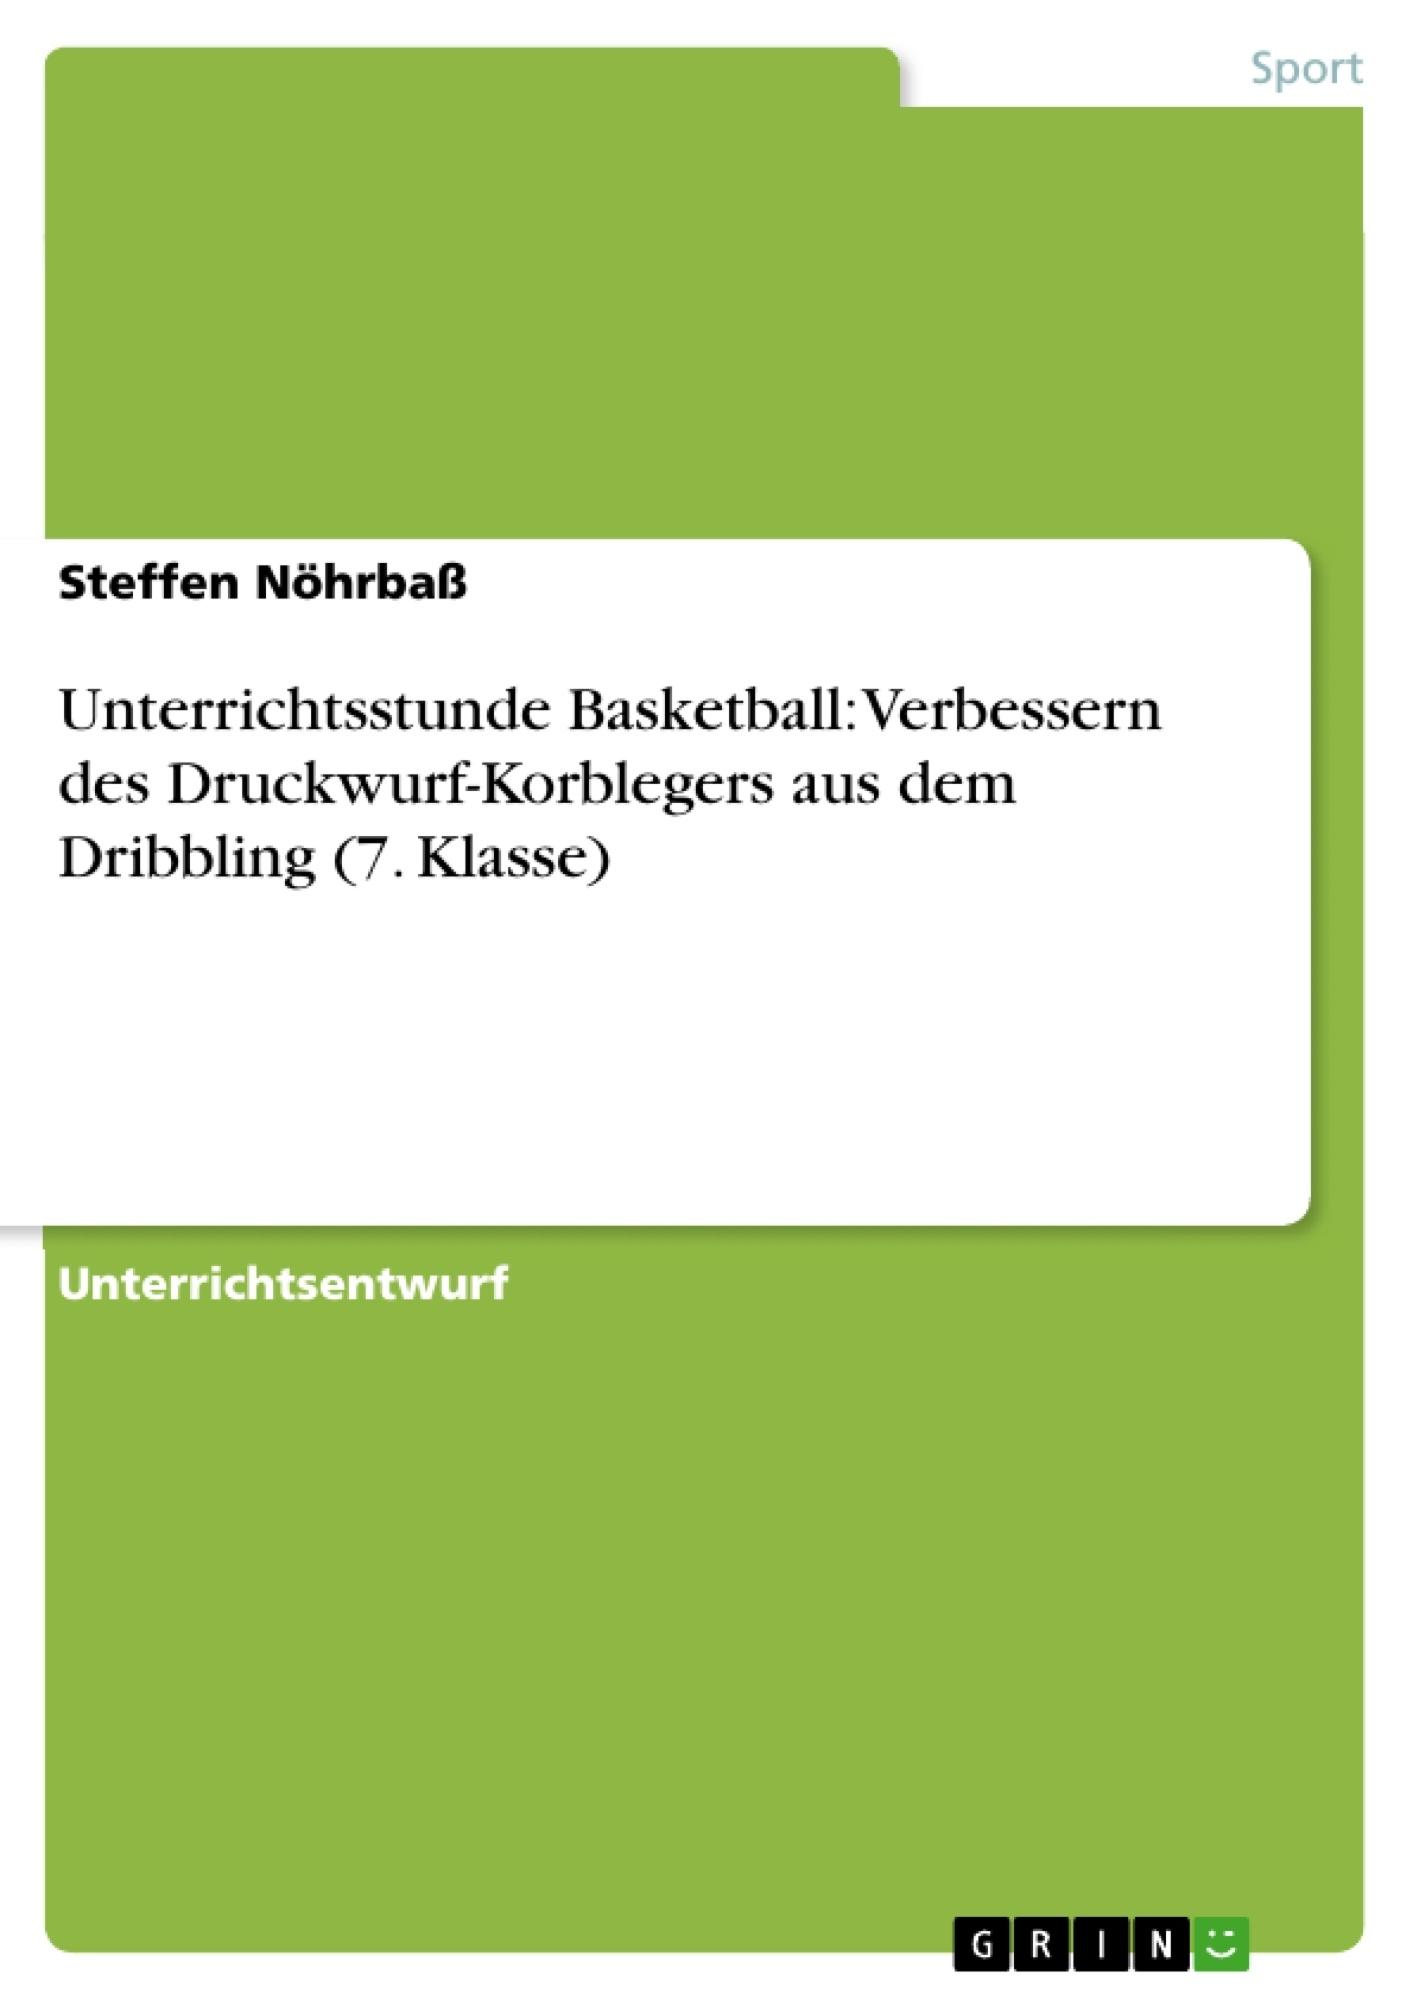 Titel: Unterrichtsstunde Basketball: Verbessern des Druckwurf-Korblegers aus dem Dribbling (7. Klasse)